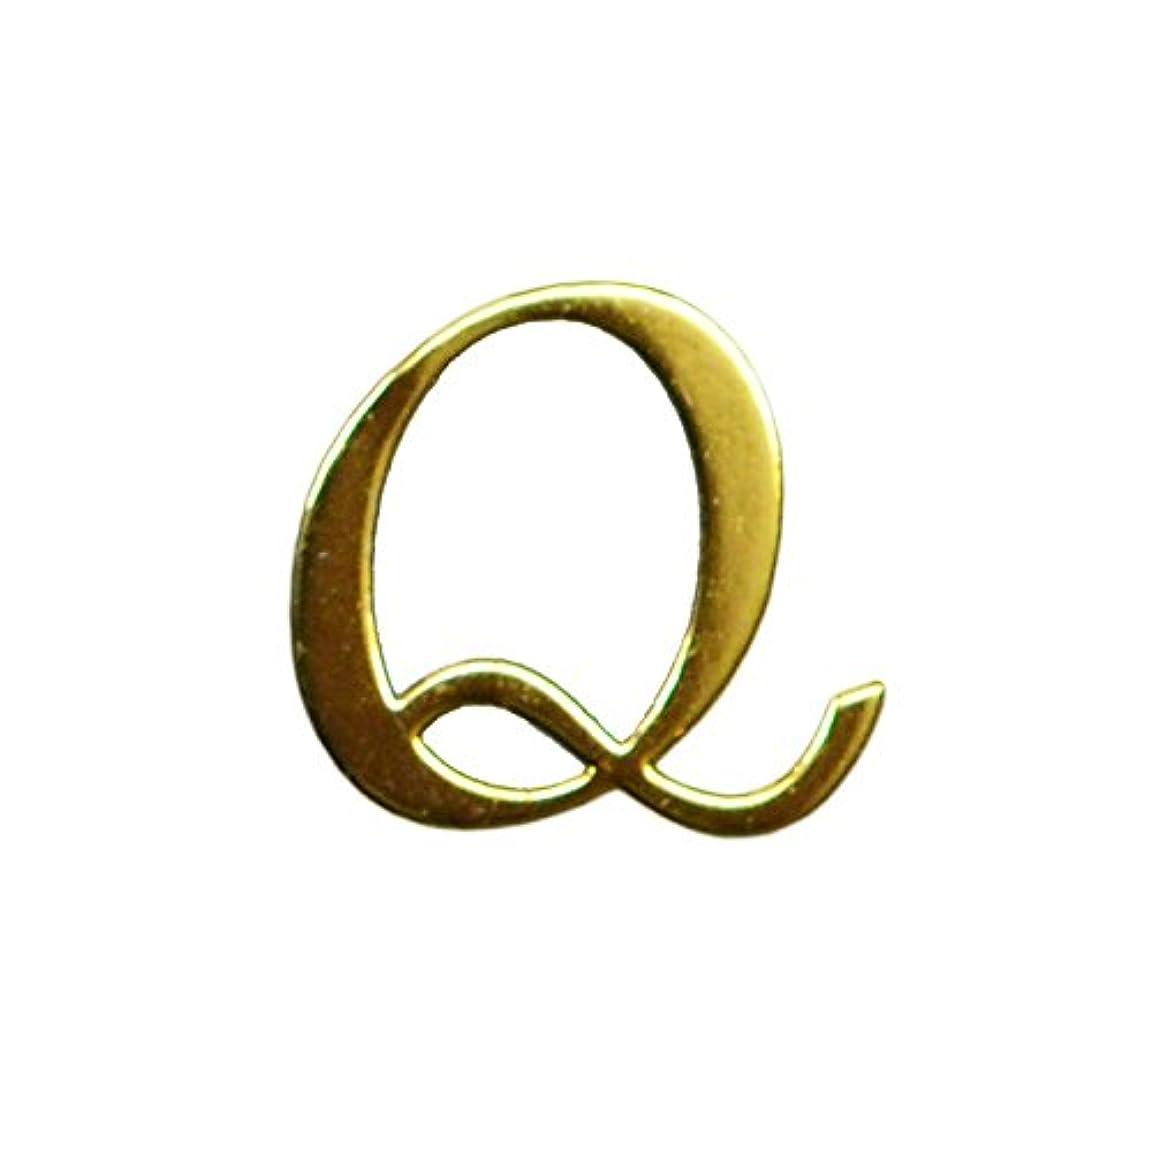 言い換えると誘導童謡Q/ゴールド・人気の書体のアルファベットイニシャルパーツ!5mm×5mm10枚